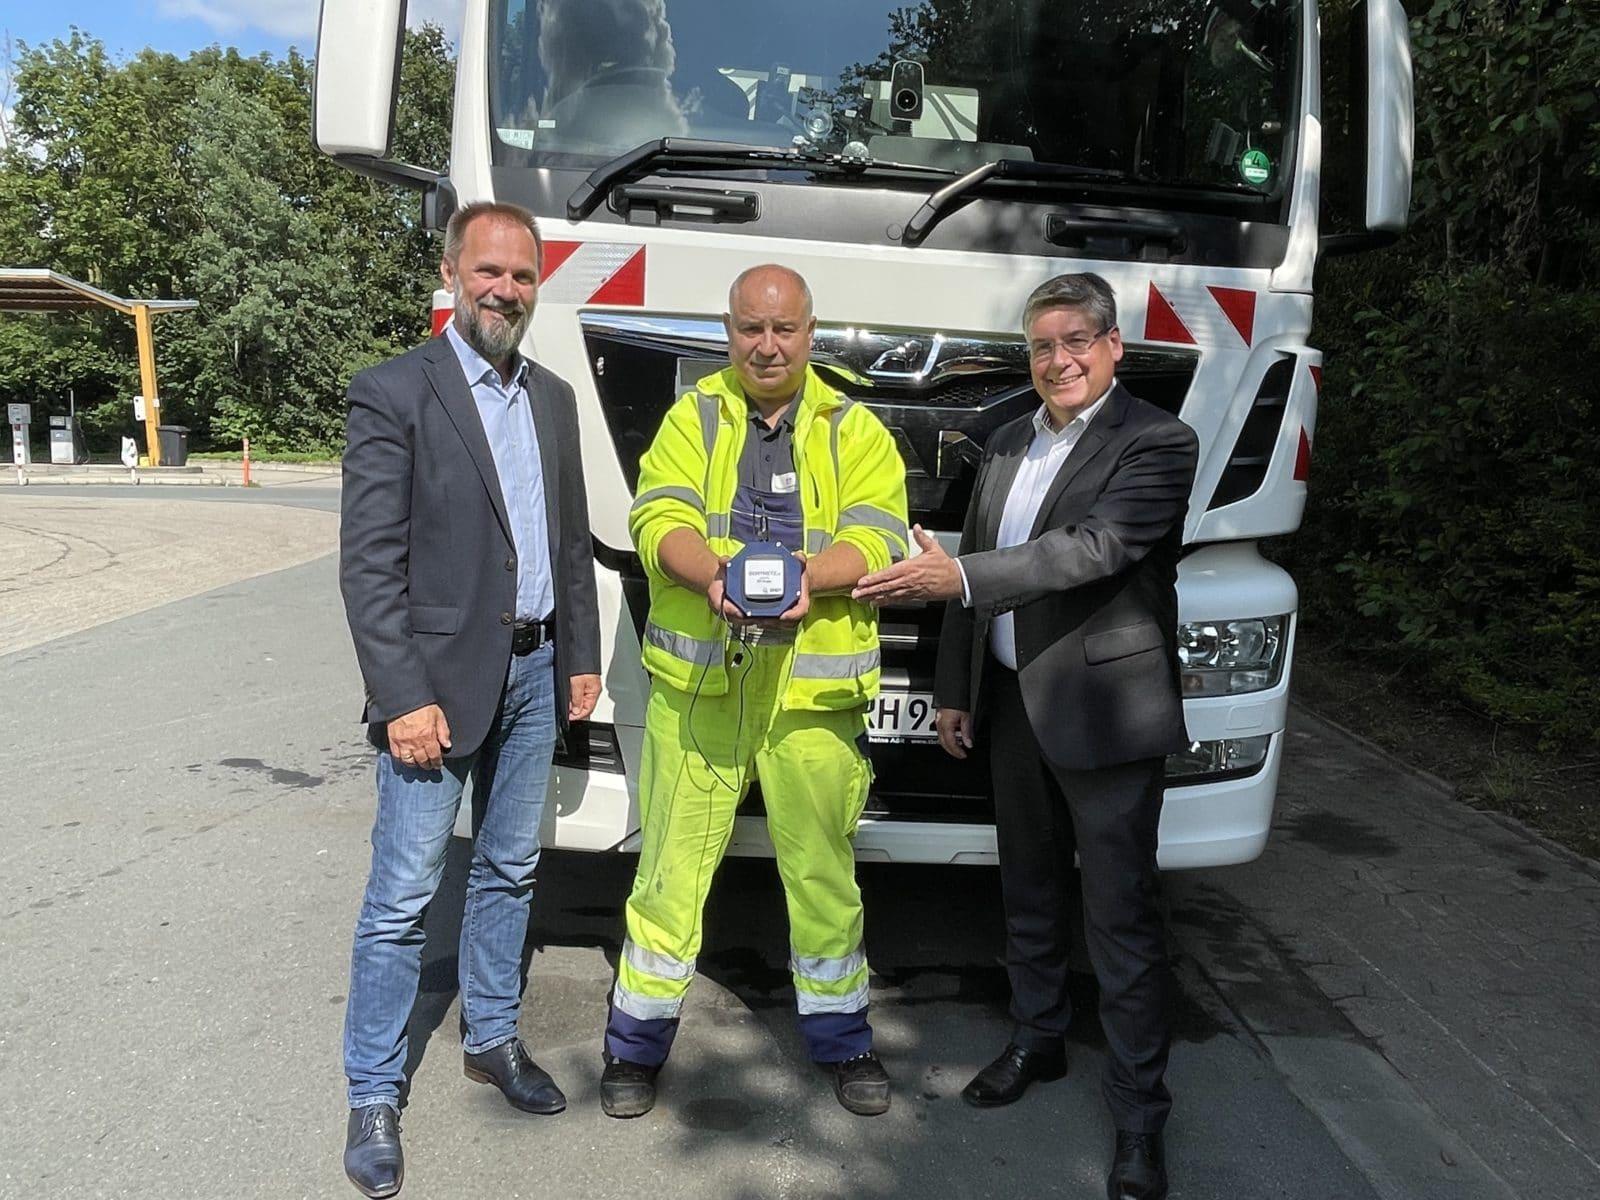 Helmut Neumann und Frédéric Dildei von der STF Gruppe mit einem Müllwagen-Fahrer der Stadt Rheine und der Mobilfunkmessbox